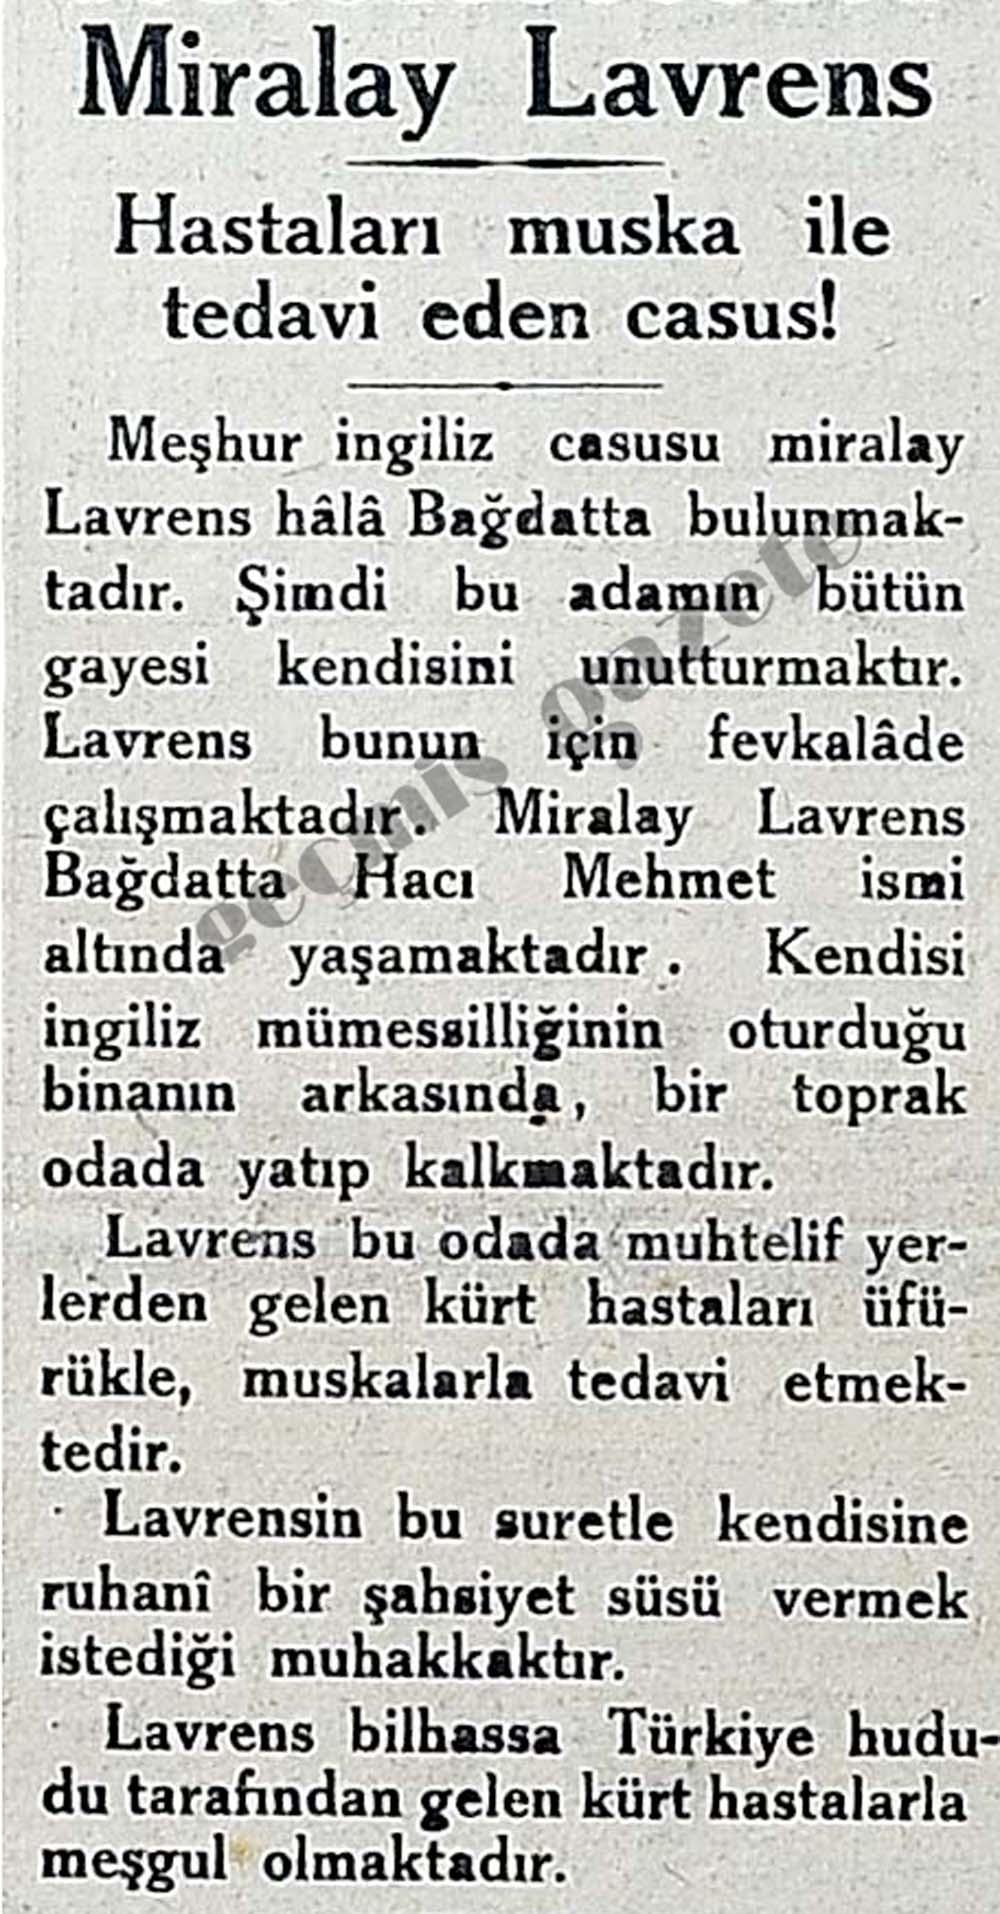 Miralay Lavrens hastaları muska ile tedavi eden casus!